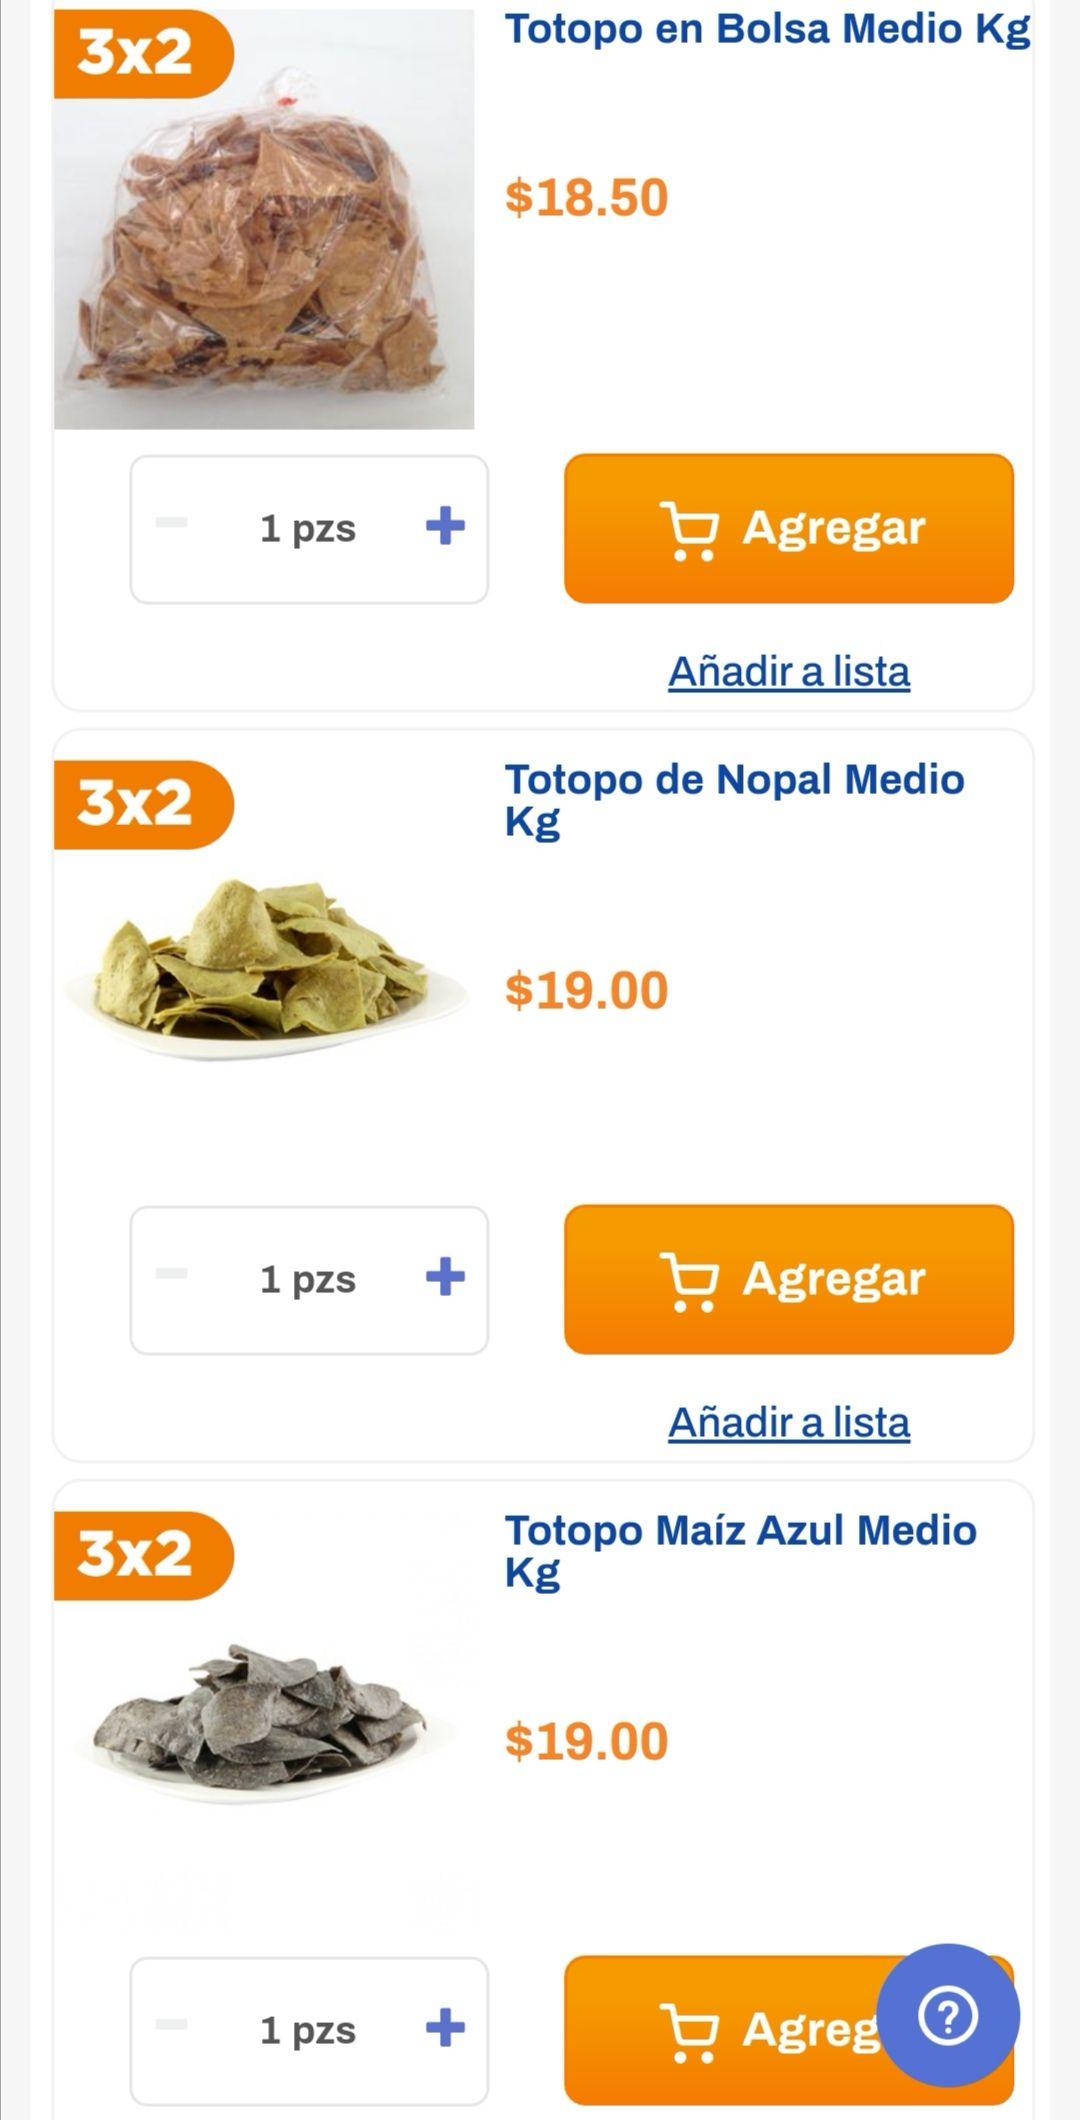 Chedraui: 3 x 2 en totopos natural, azul y nopal del departamento de tortillería